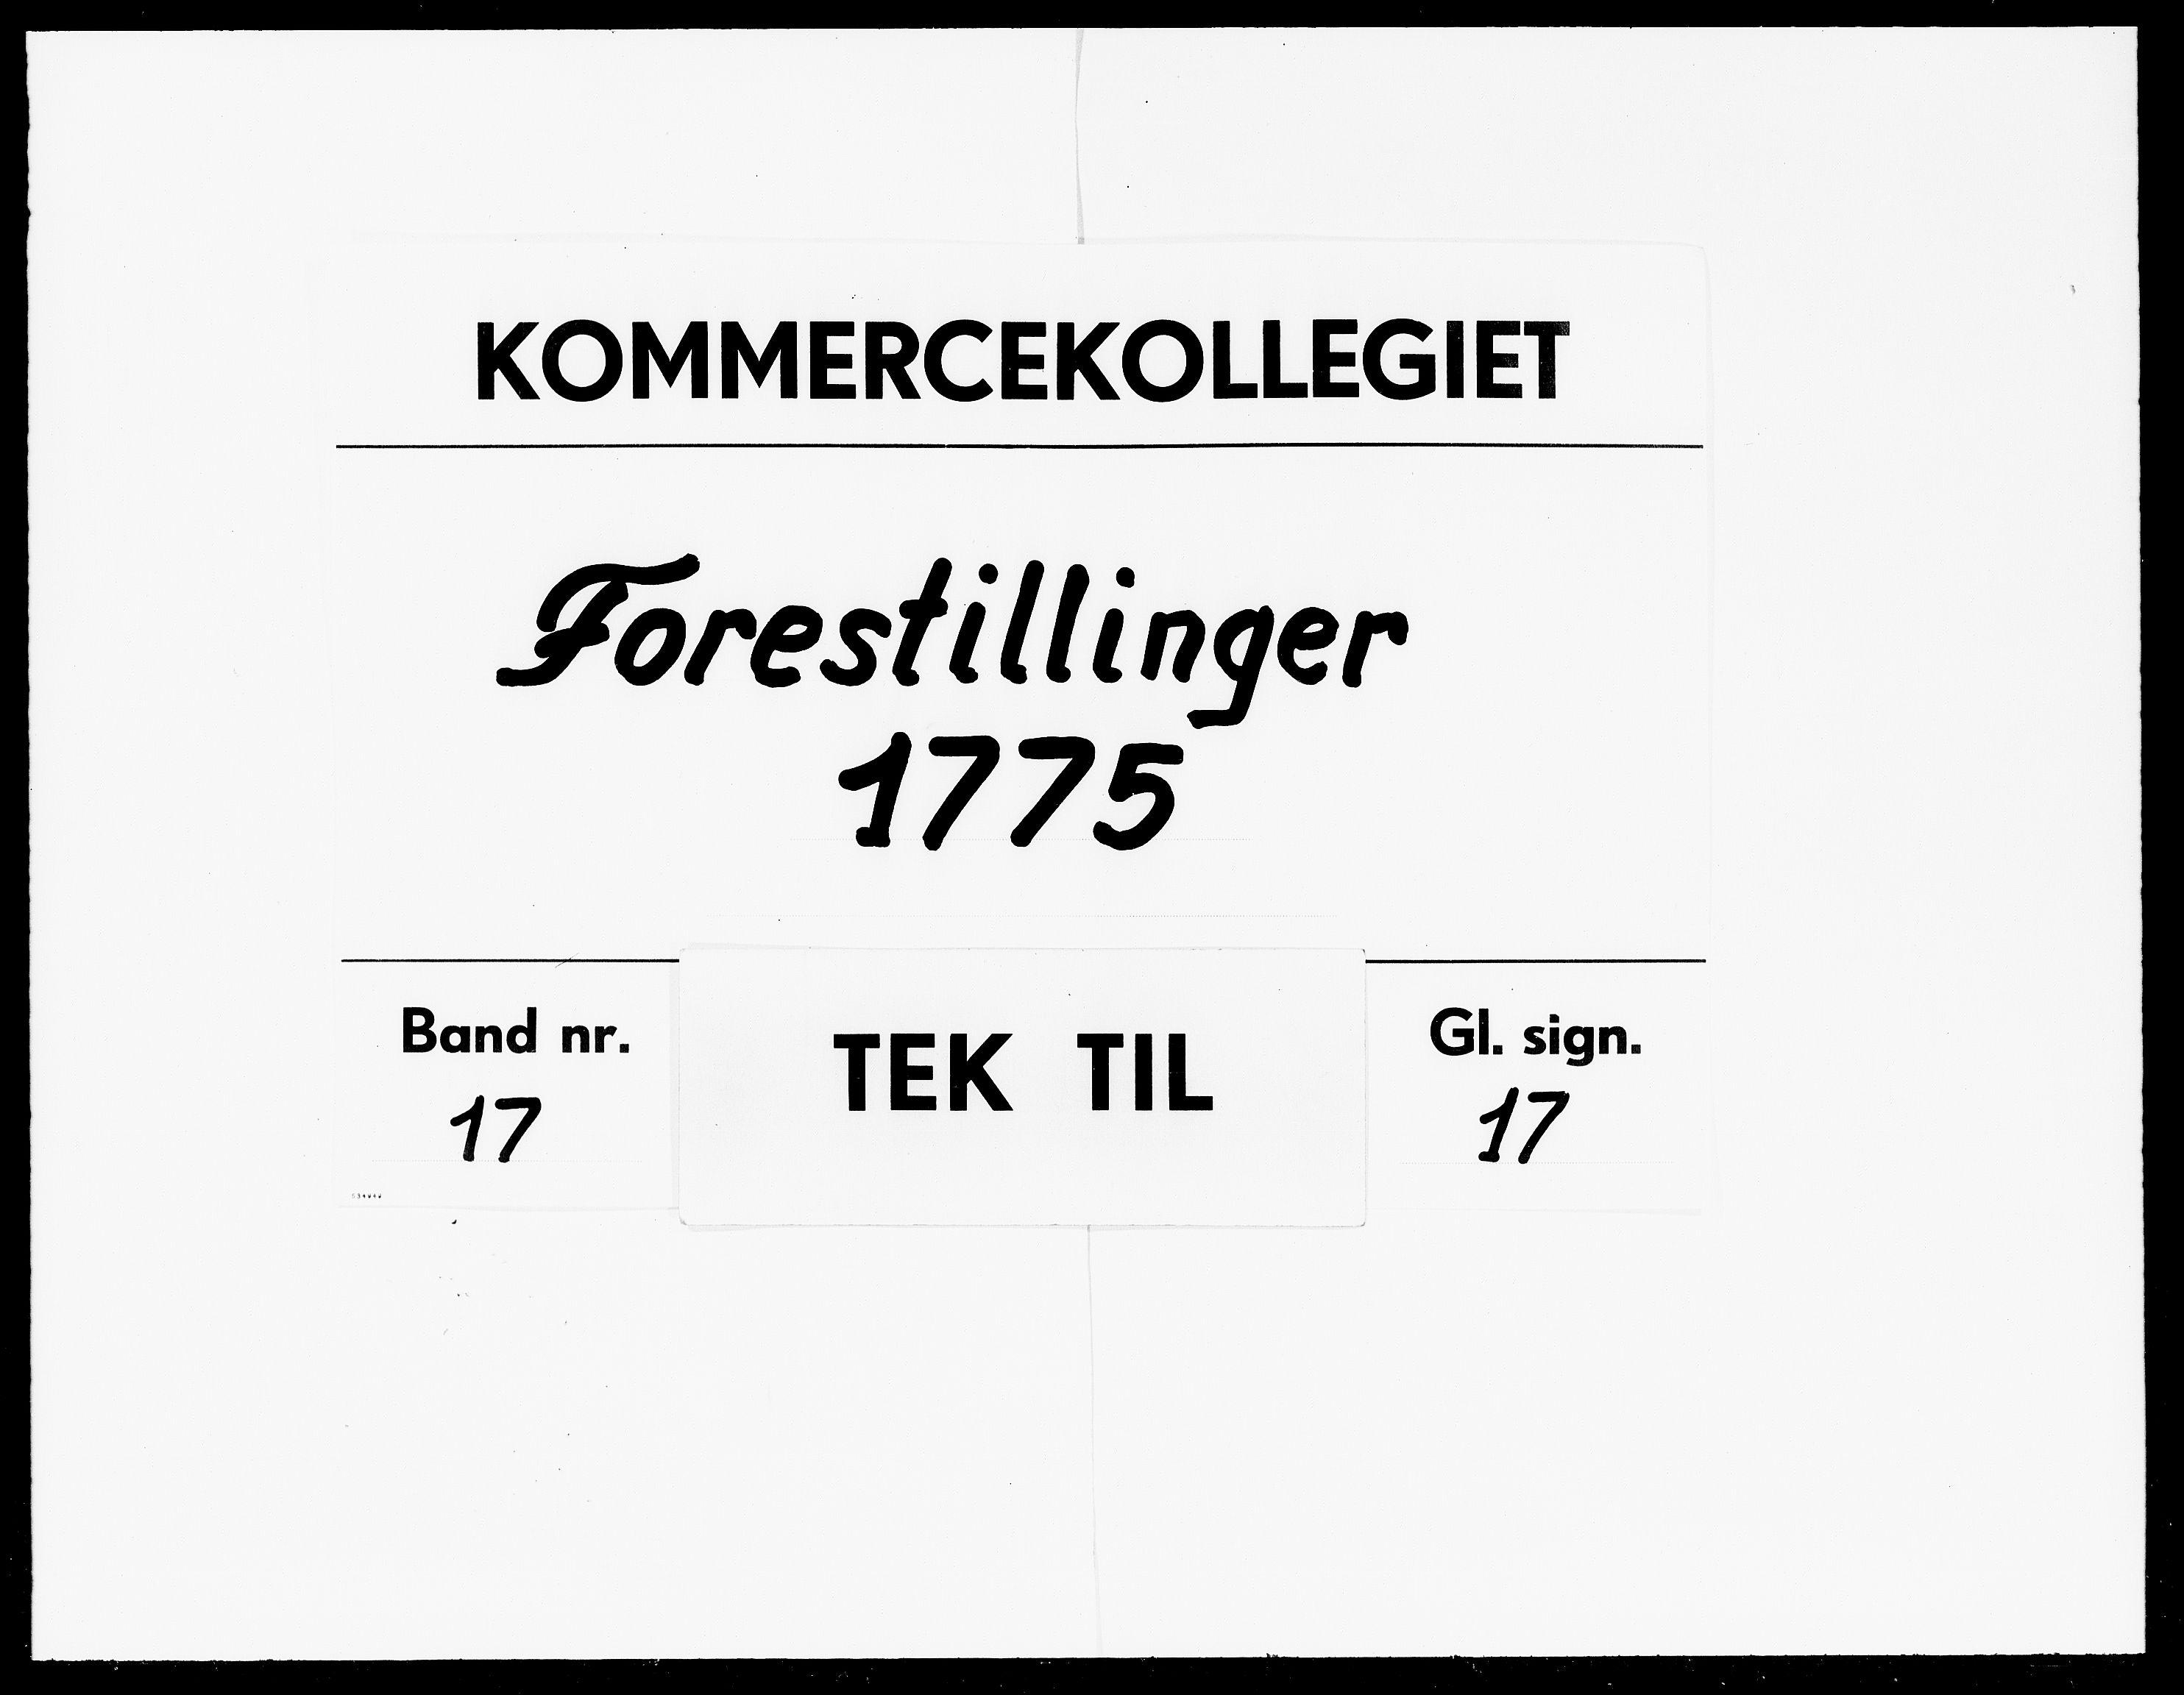 DRA, Kommercekollegiet, Danske Sekretariat, -/432: Forestillinger, 1775